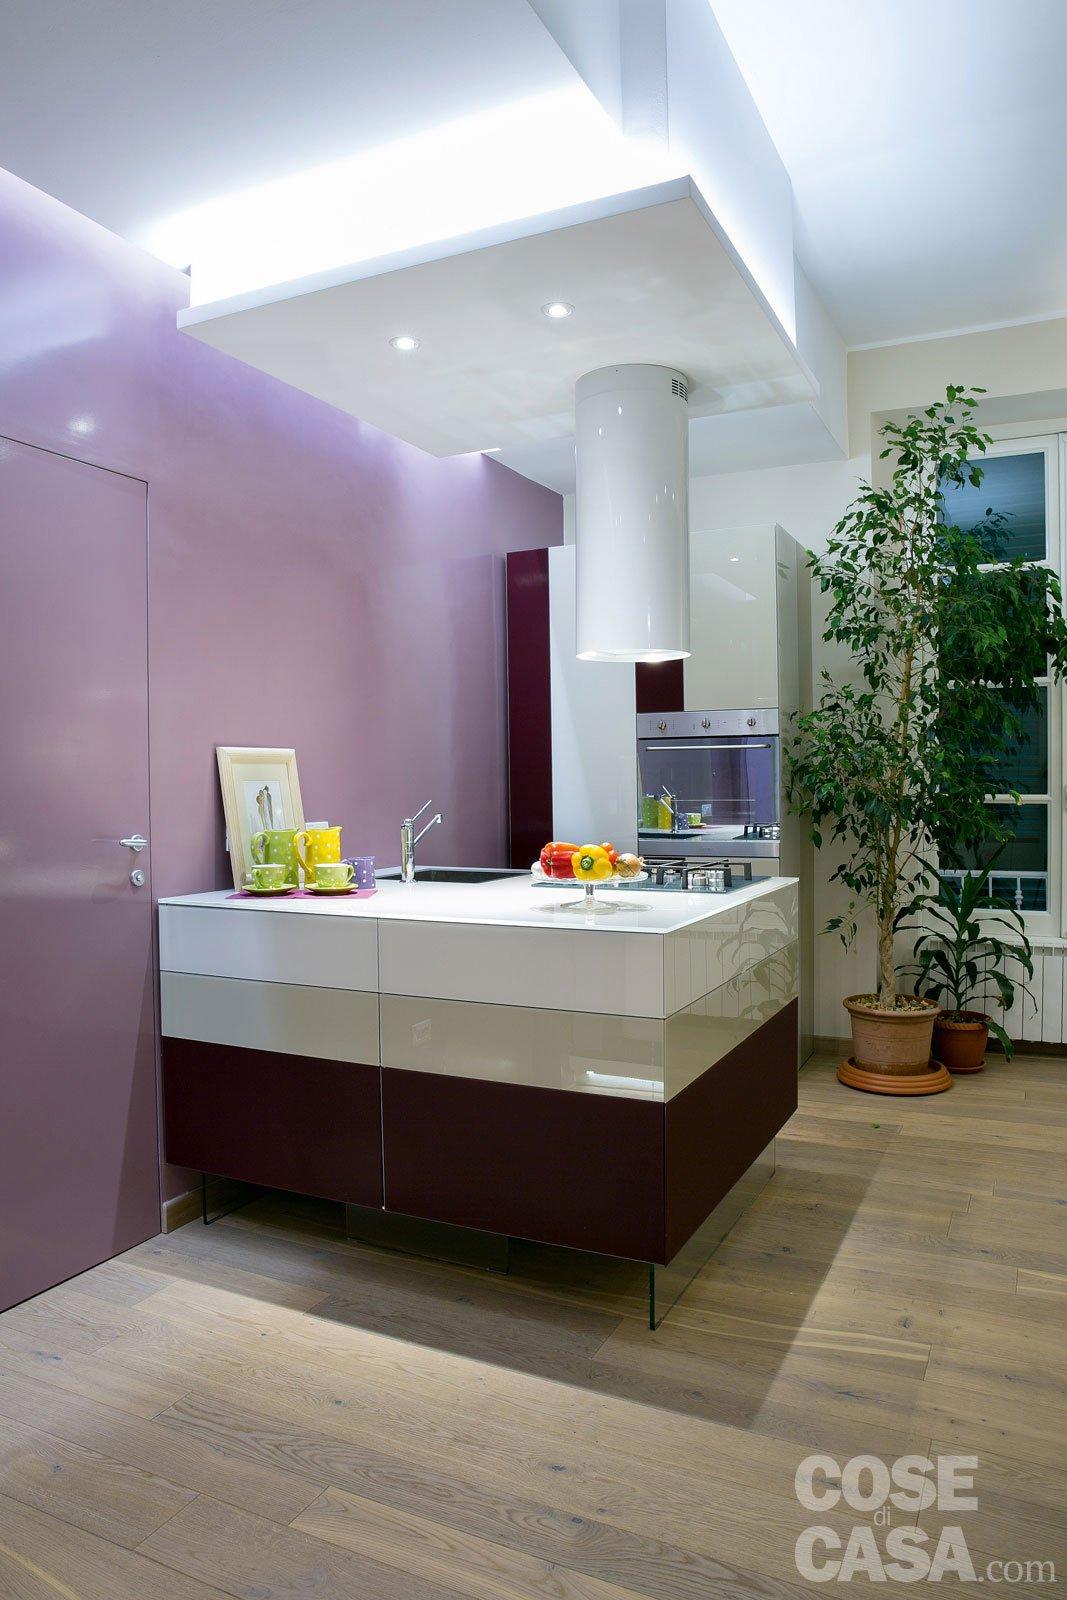 Tinta pareti casa best vernice lavagna unuidea per for Pareti casa